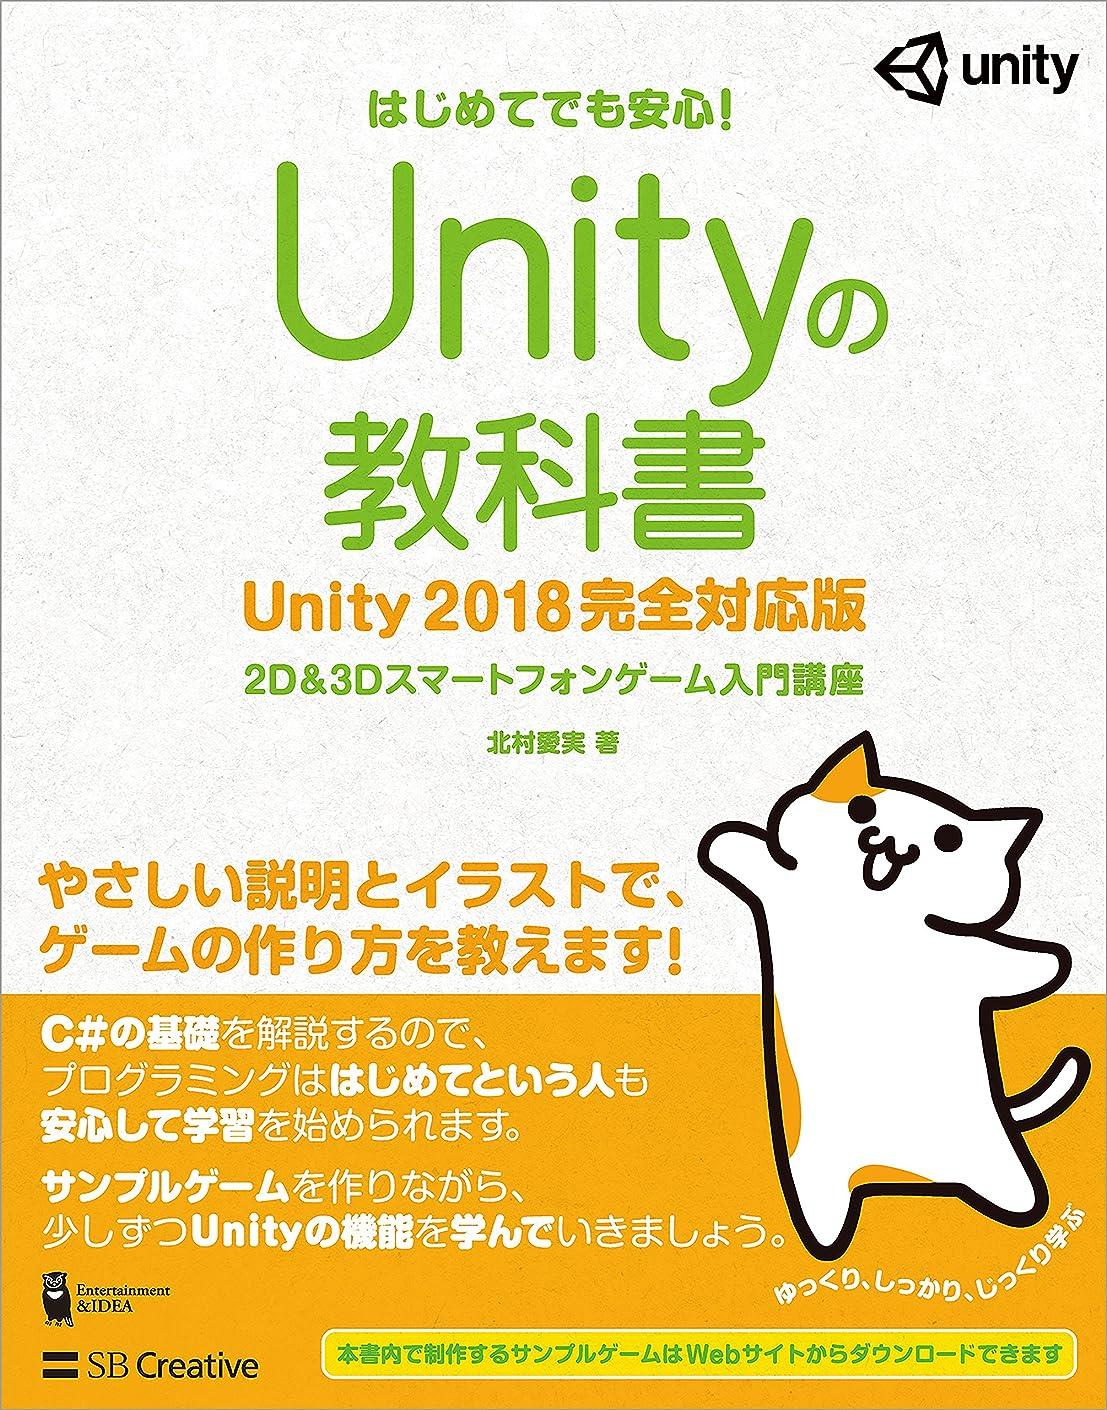 キャプション船形添加Unityの教科書 Unity 2018完全対応版 2D&3Dスマートフォンゲーム入門講座